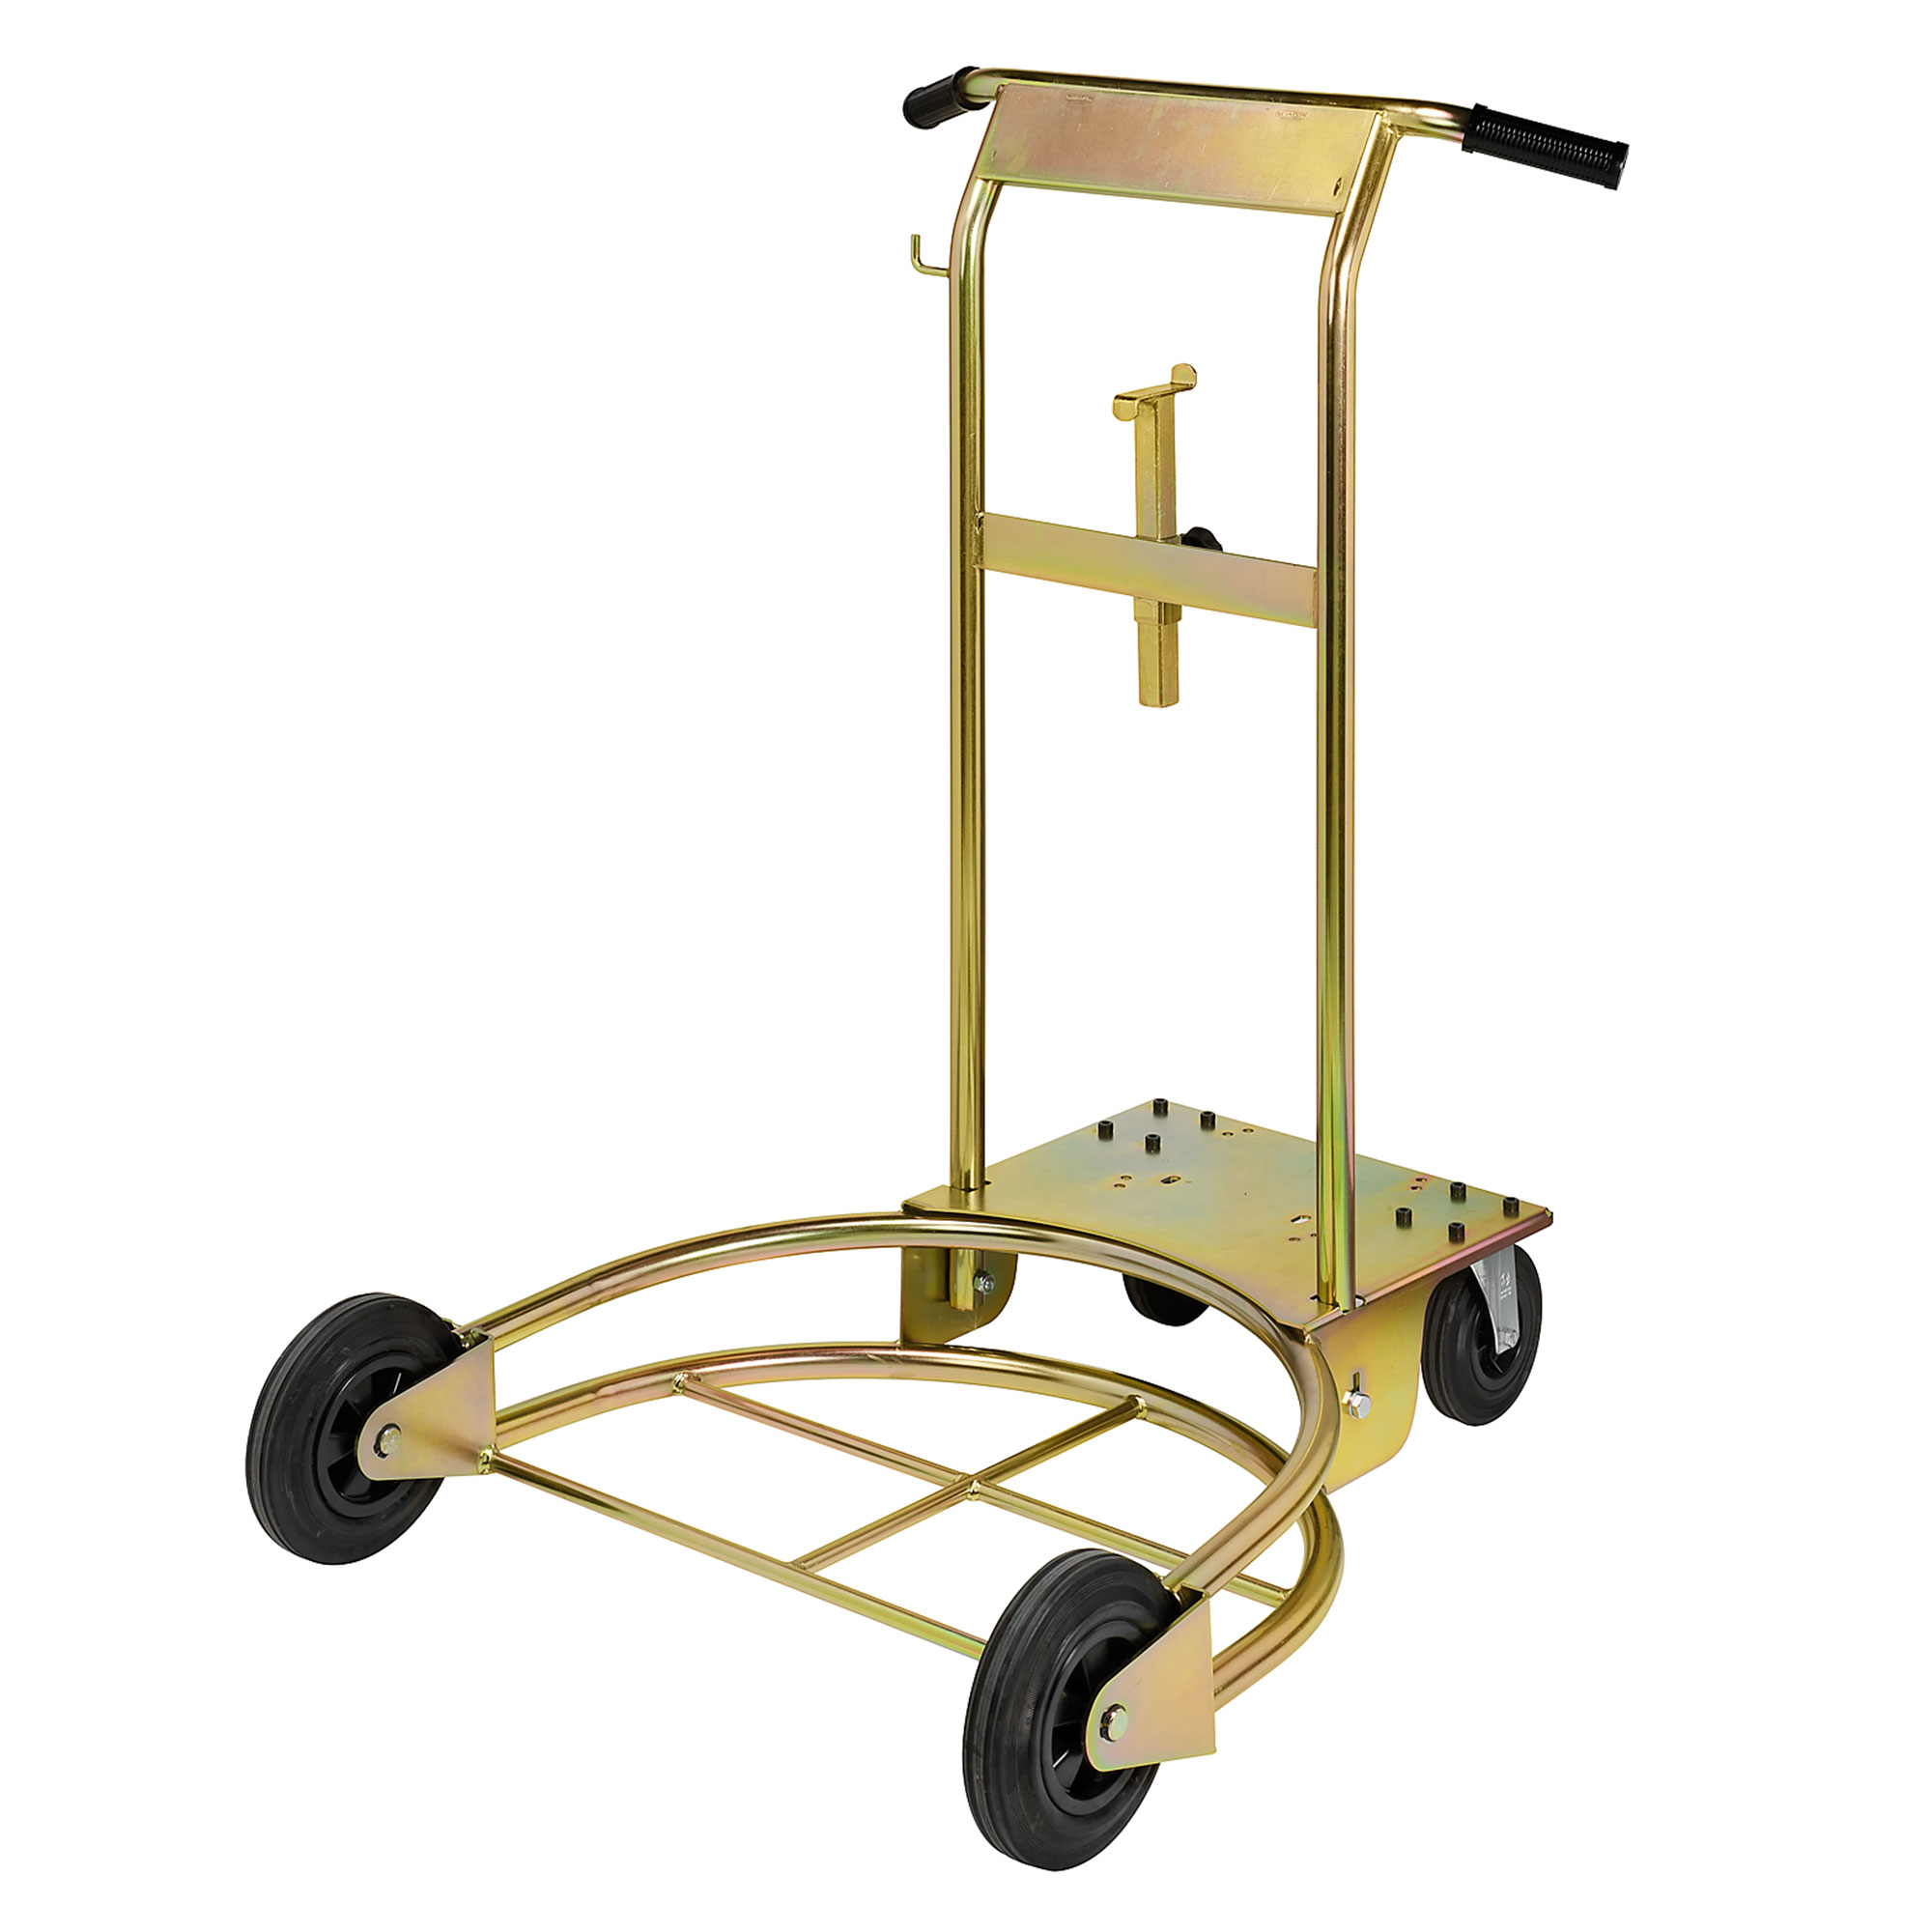 80210 - Medium Duty Oil Drum Trolley